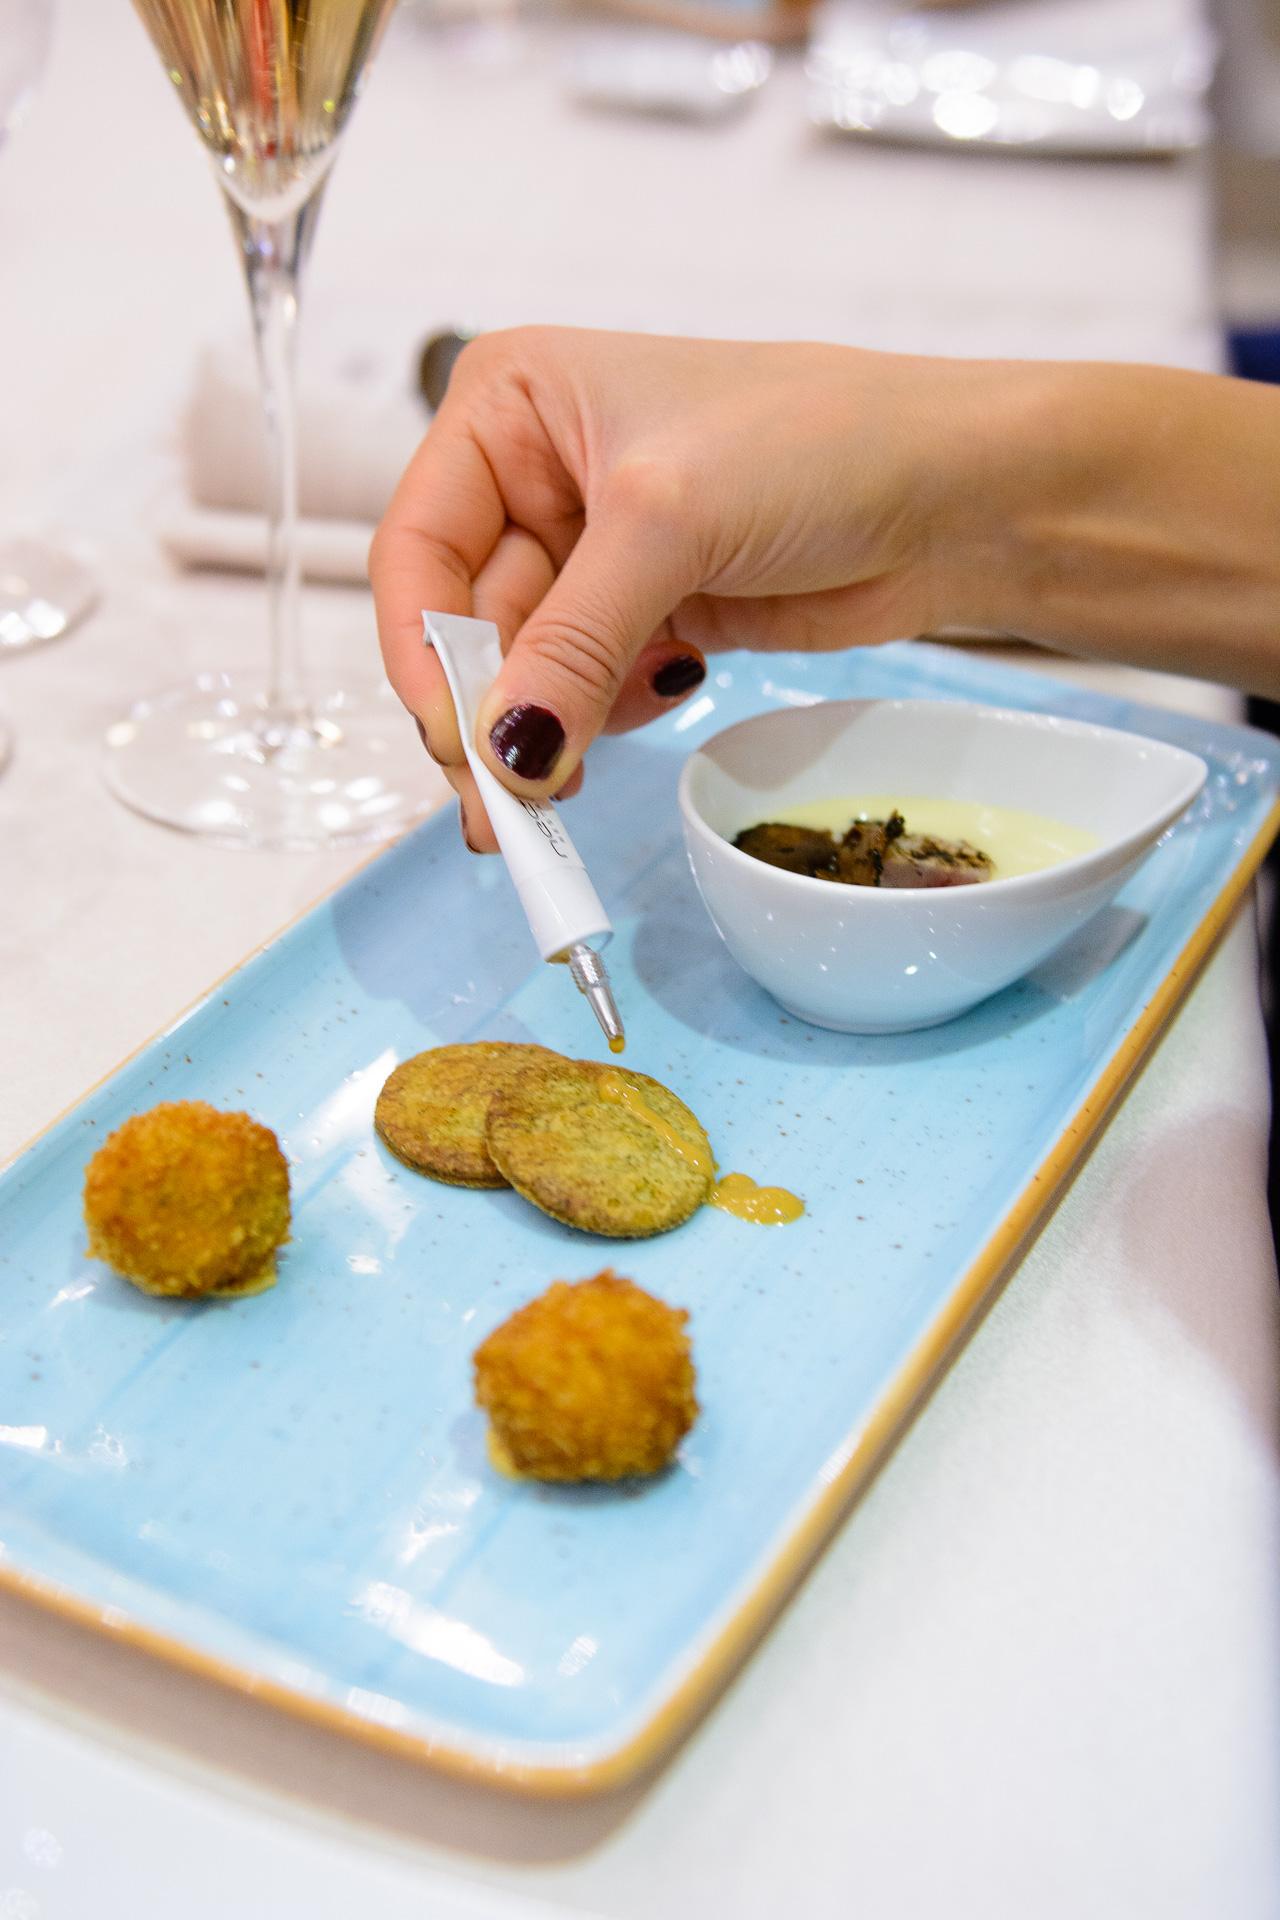 Dish by Chef Jordi Esteve 5th Premier gastronomy festival Bansko